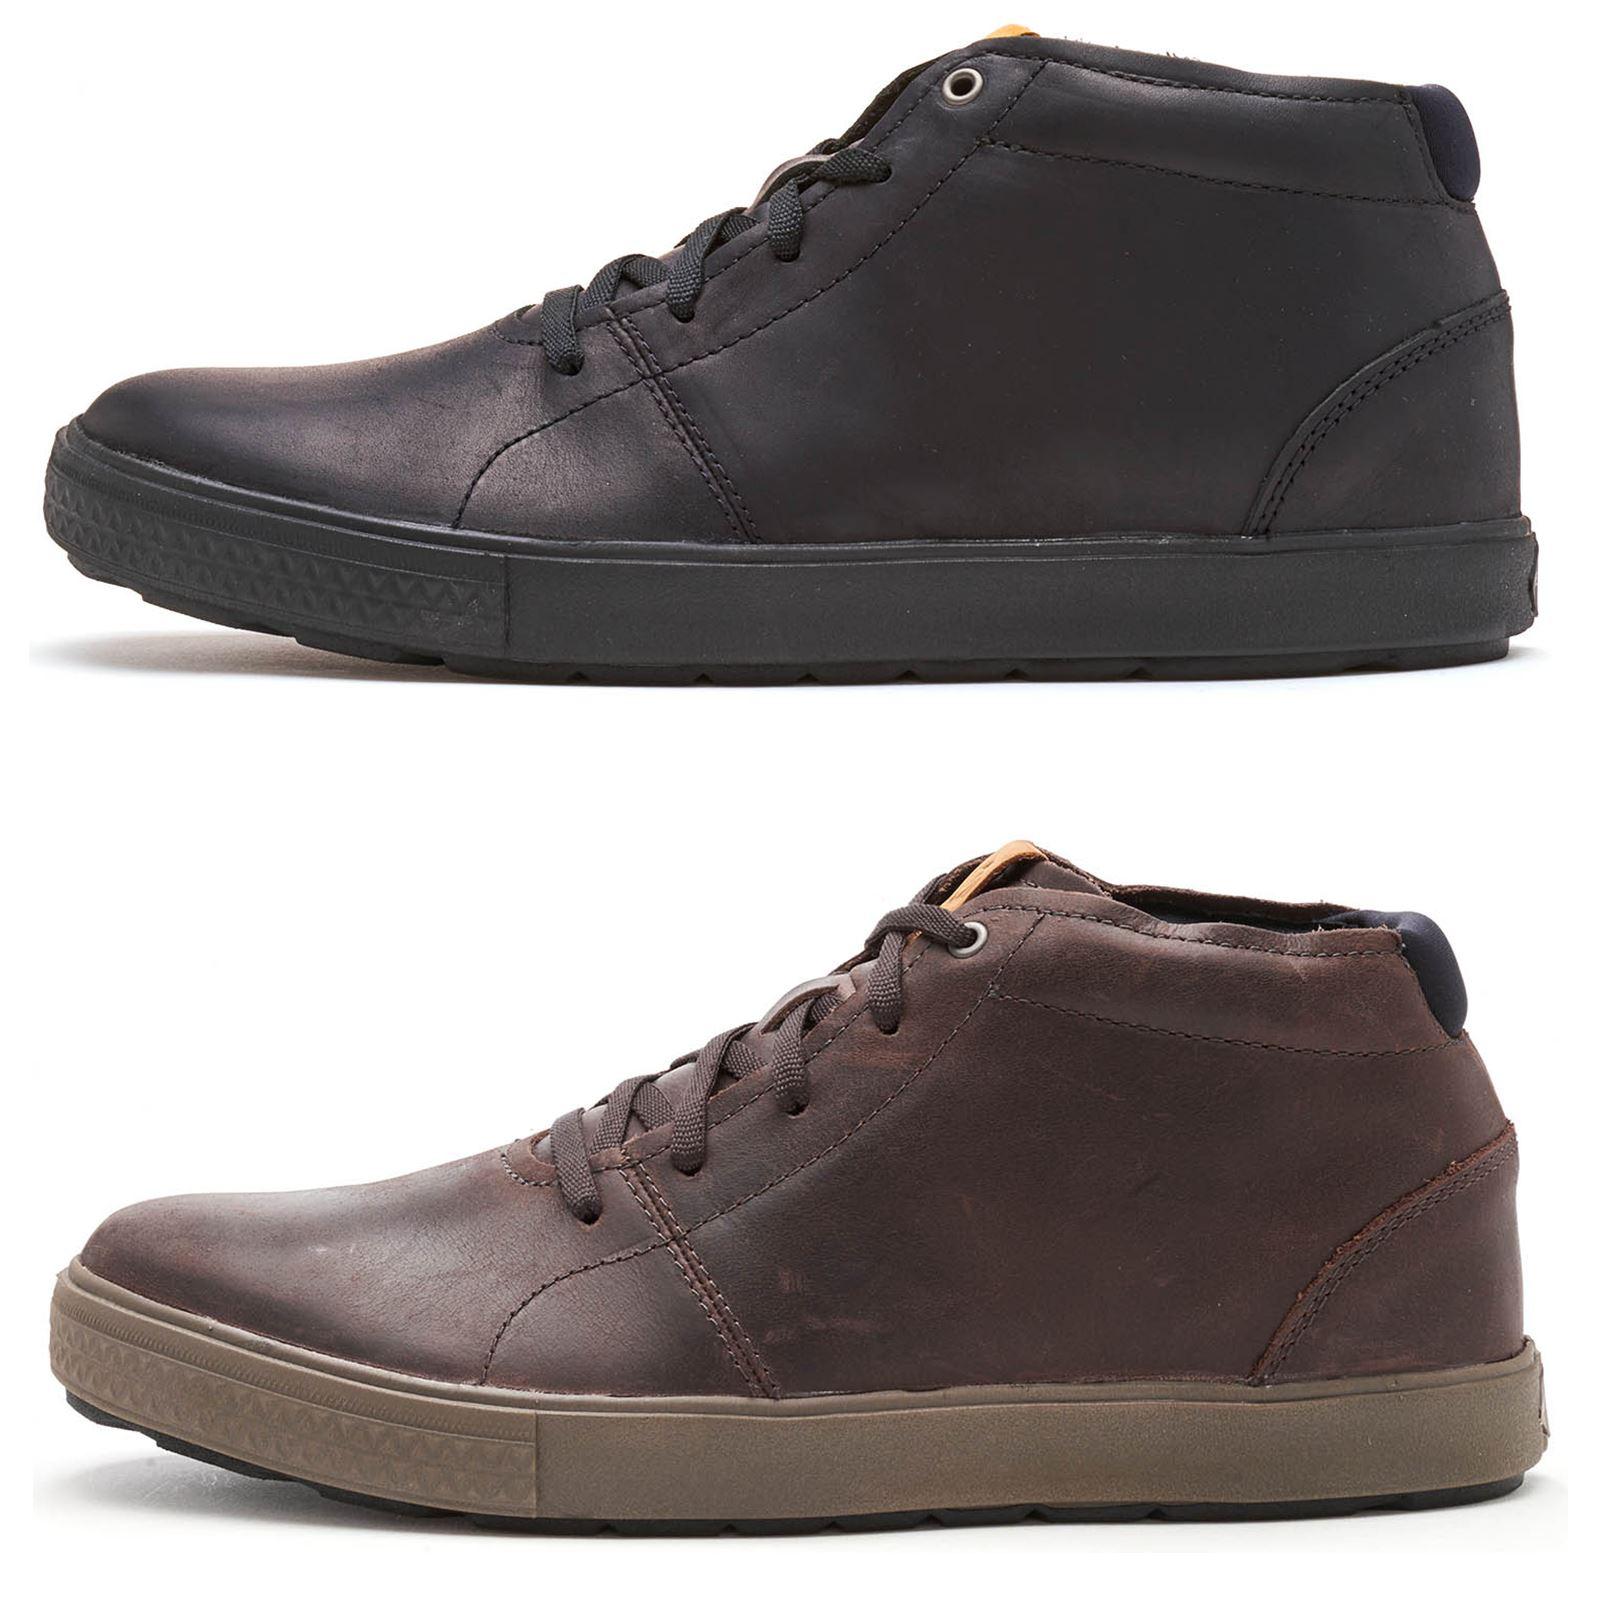 6d9ef94e5a Merrell Barkley Chukka Full Grain Leather Boots in Black & Brunette Brown